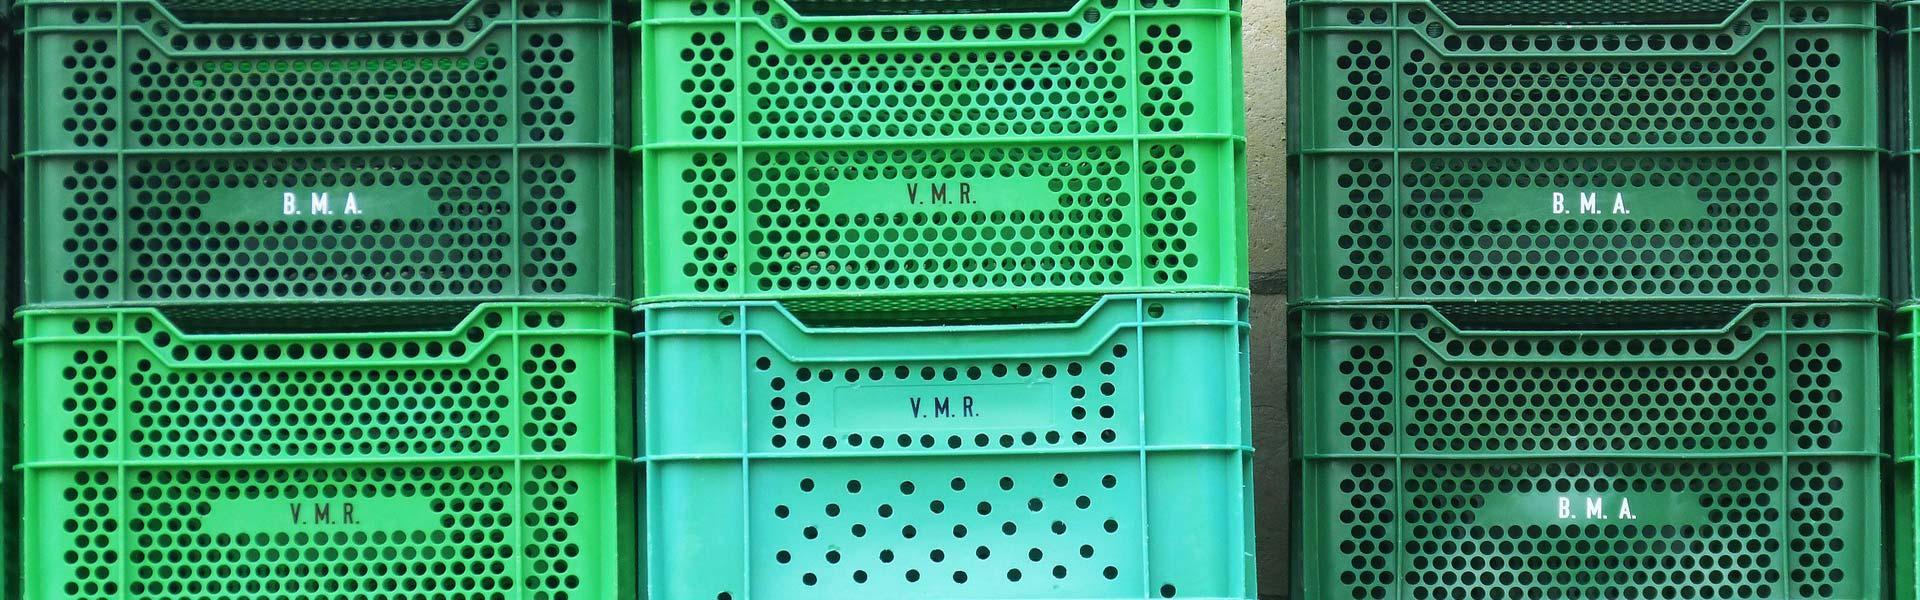 plastic-storage-crates